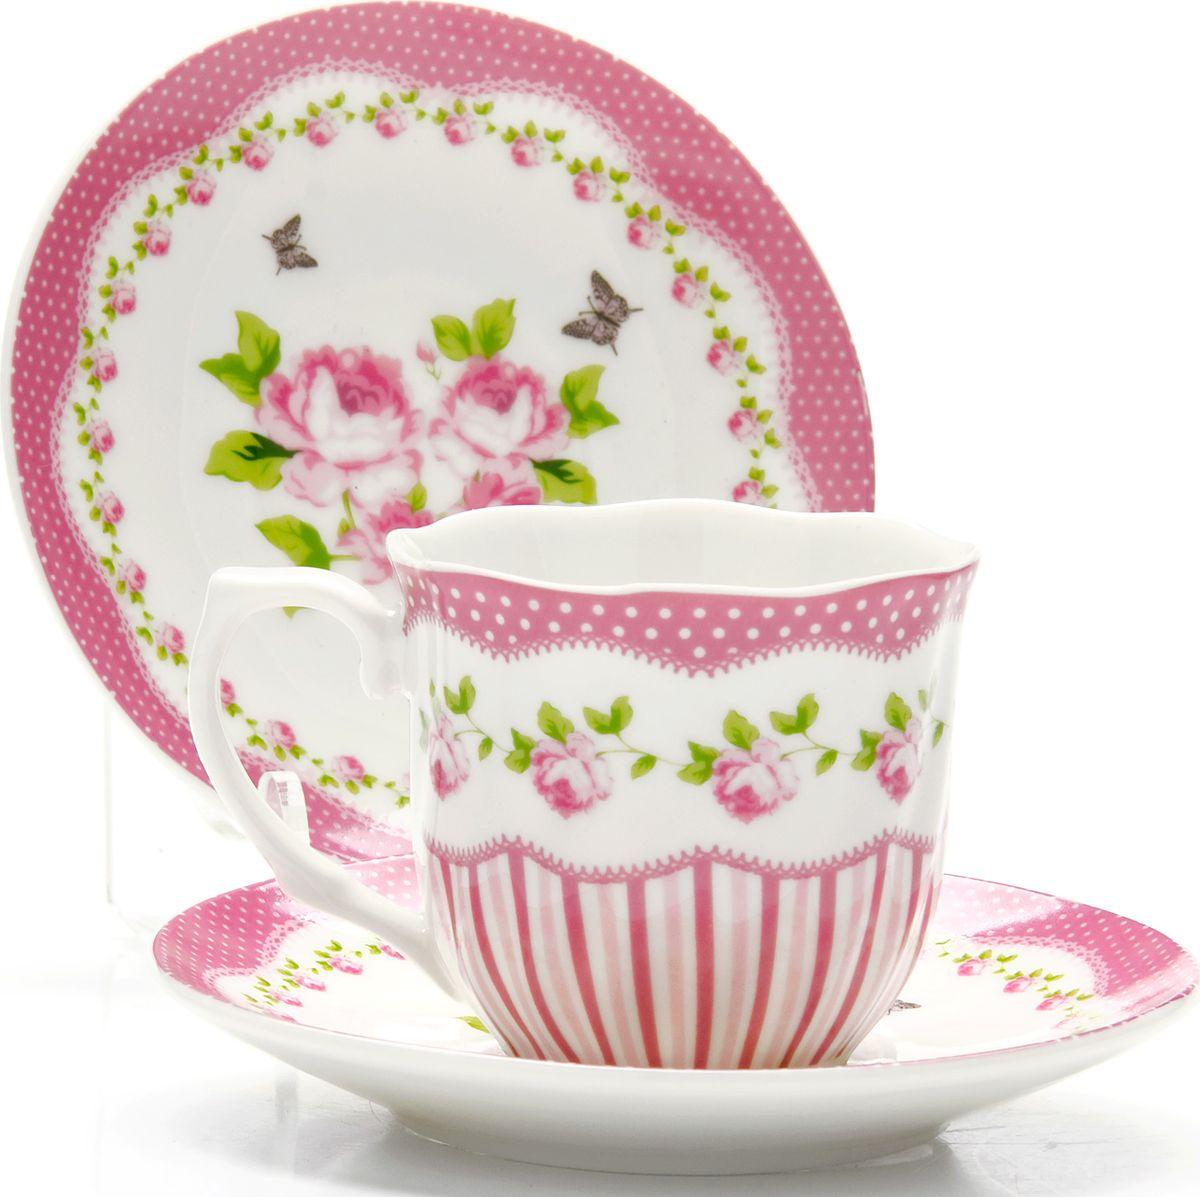 Набор кофейный Loraine, 12 предметов. 43331115510Кофейный сервиз на 6 персон изготовлен из качественного фарфора и оформлен красивым цветочным рисунком. Элегантный и удобный кофейный сервиз не только украсит сервировку стола, но и поднимет настроение и превратит процесс чаепития в одно удовольствие.Сервиз состоит из 12 предметов: шести чашек и шести блюдец, упакованных в подарочную коробку. Чашки имеют удобную, изящную ручку. Изделия легко и просто мыть. Кофейный сервиз прекрасно подойдет в качестве подарка для родных и друзей на любой праздник!Диаметр чашки: 6 см.Высота чашки: 5,5 см.Объем чашки: 80 мл.Диаметр блюдца: 11 см.